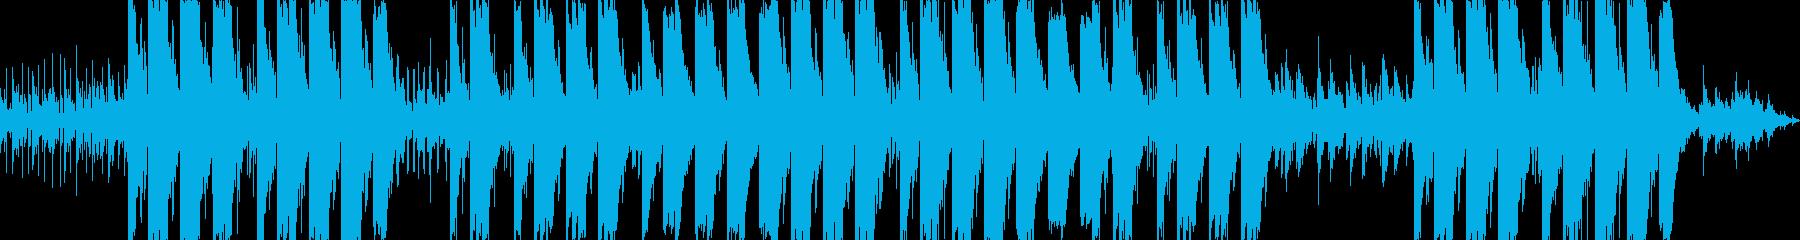 陽気なダンサブルアフロビートの再生済みの波形